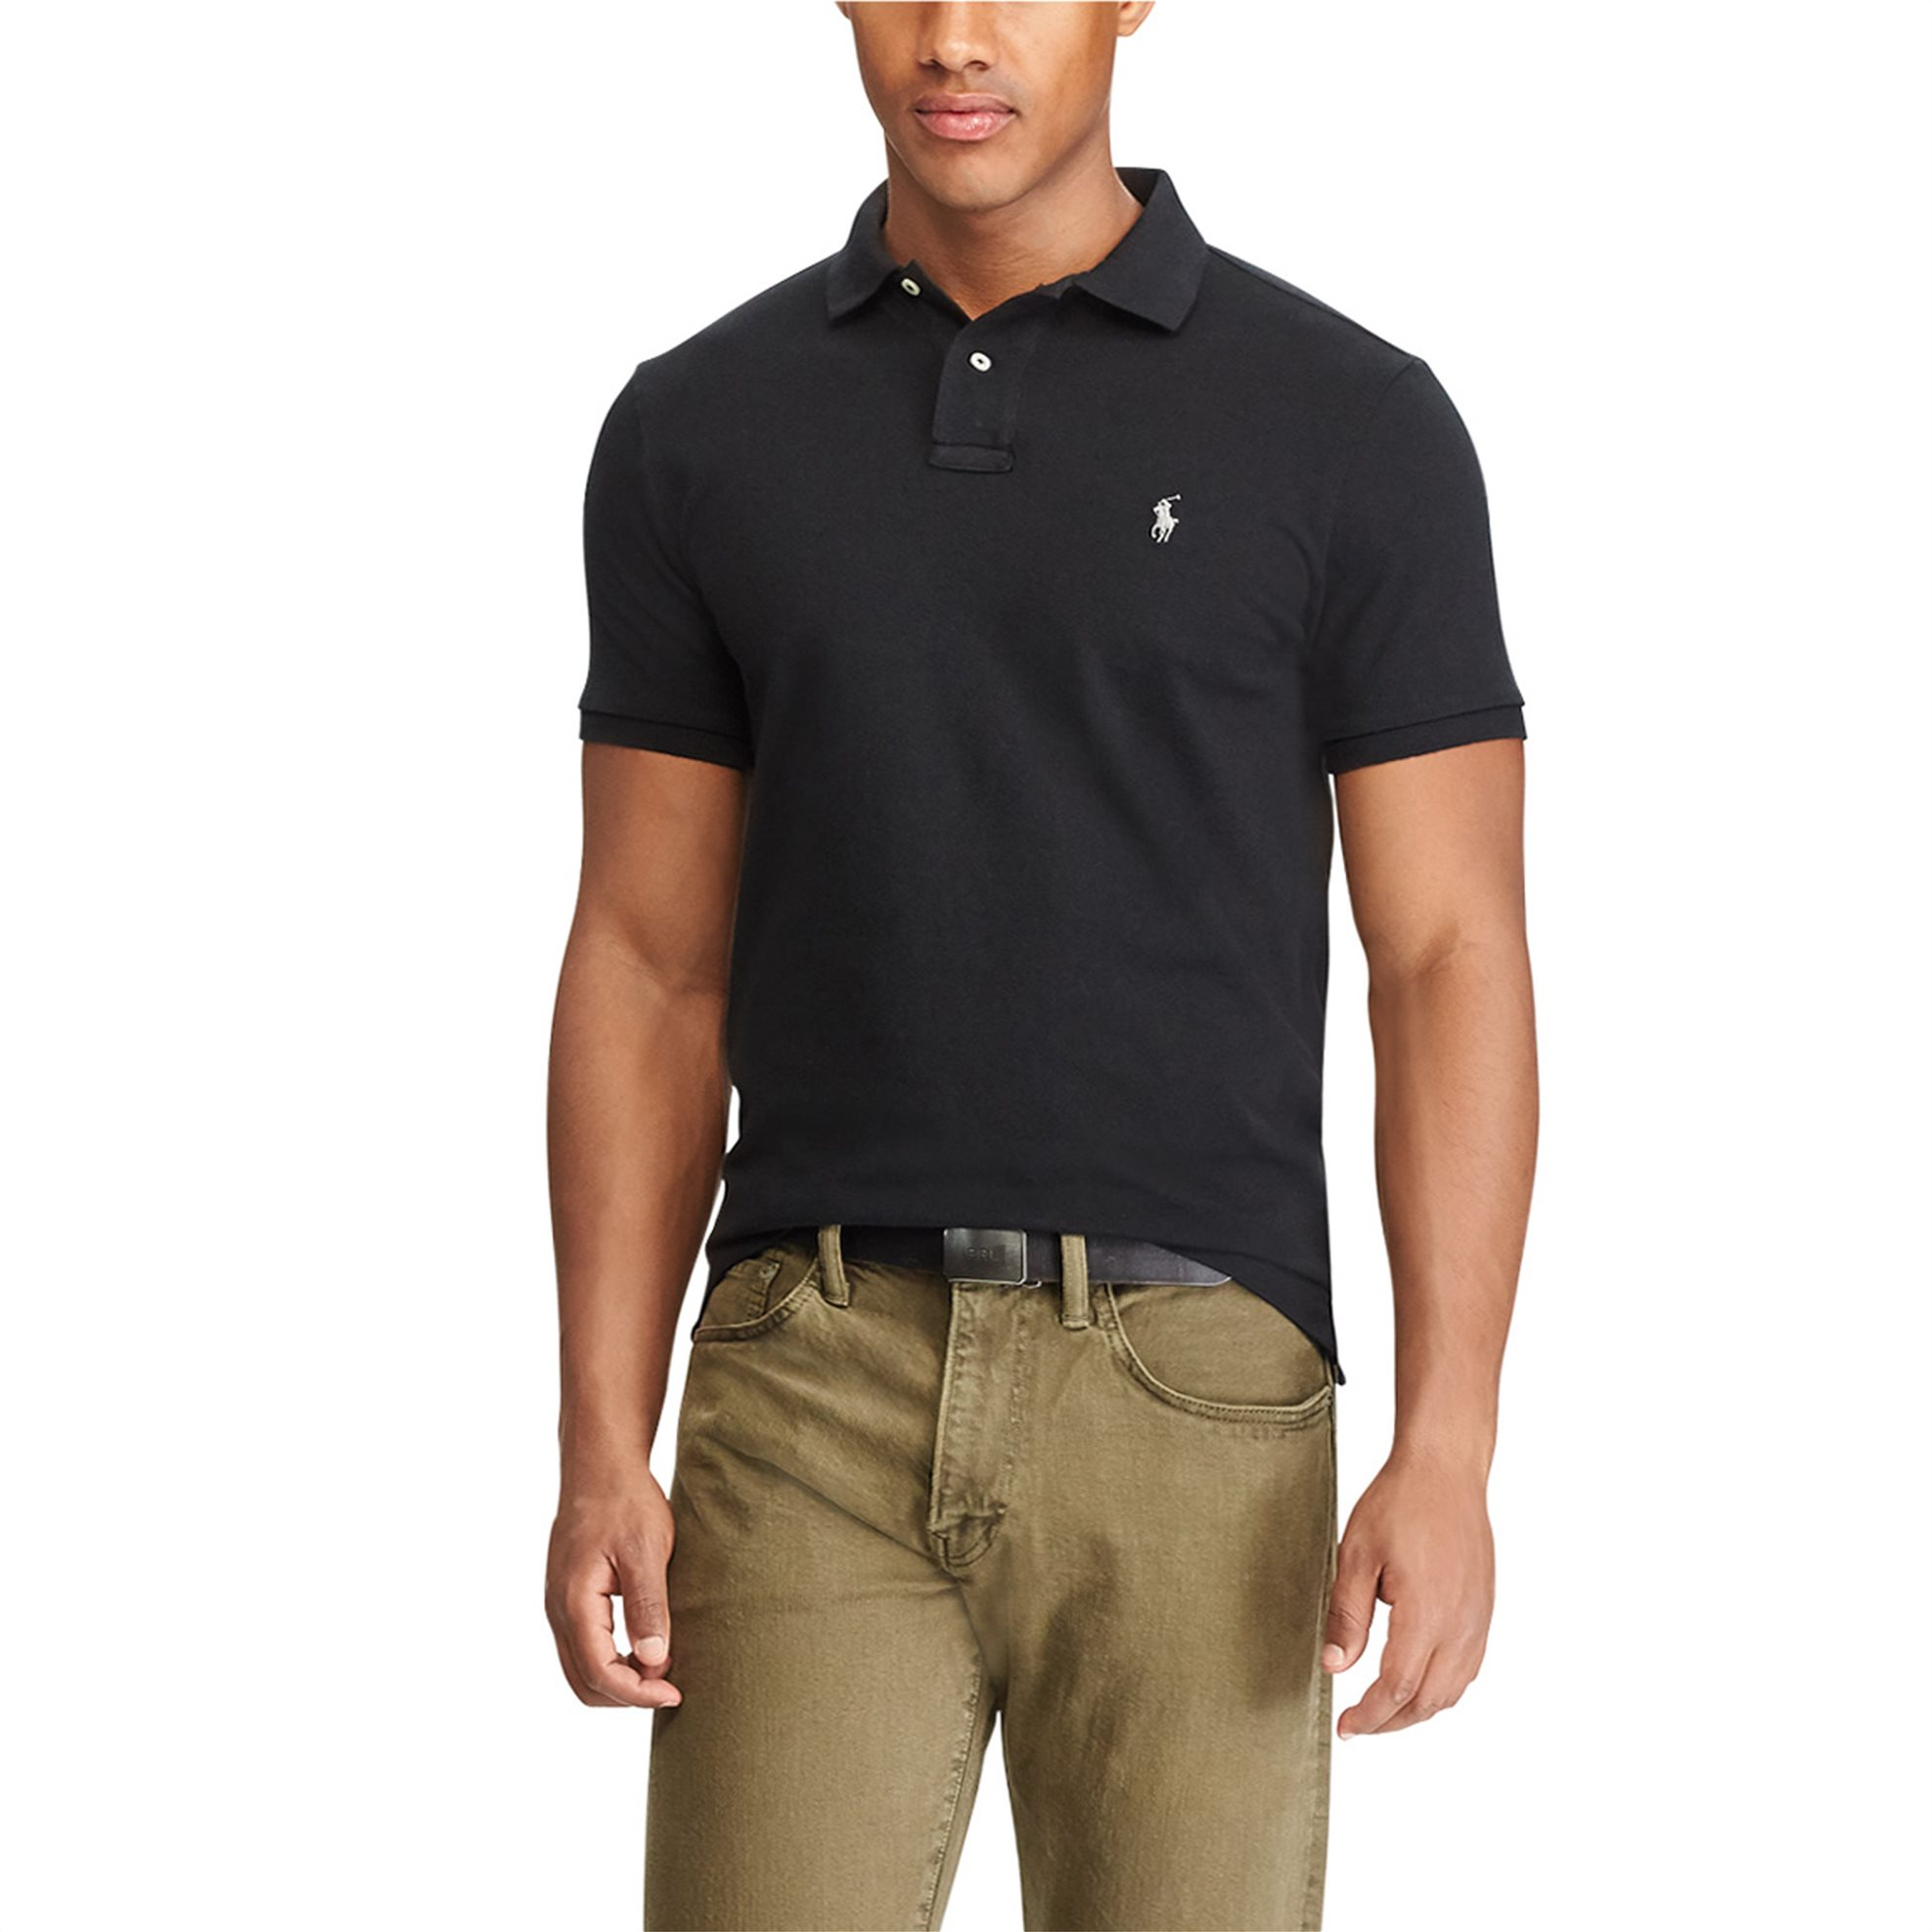 f237aaea9ea6 Notos Polo Ralph Lauren ανδρική μπλούζα πόλο μαύρη Custom Slim Fit Mesh  Polo - 710666998004 - Μαύρο